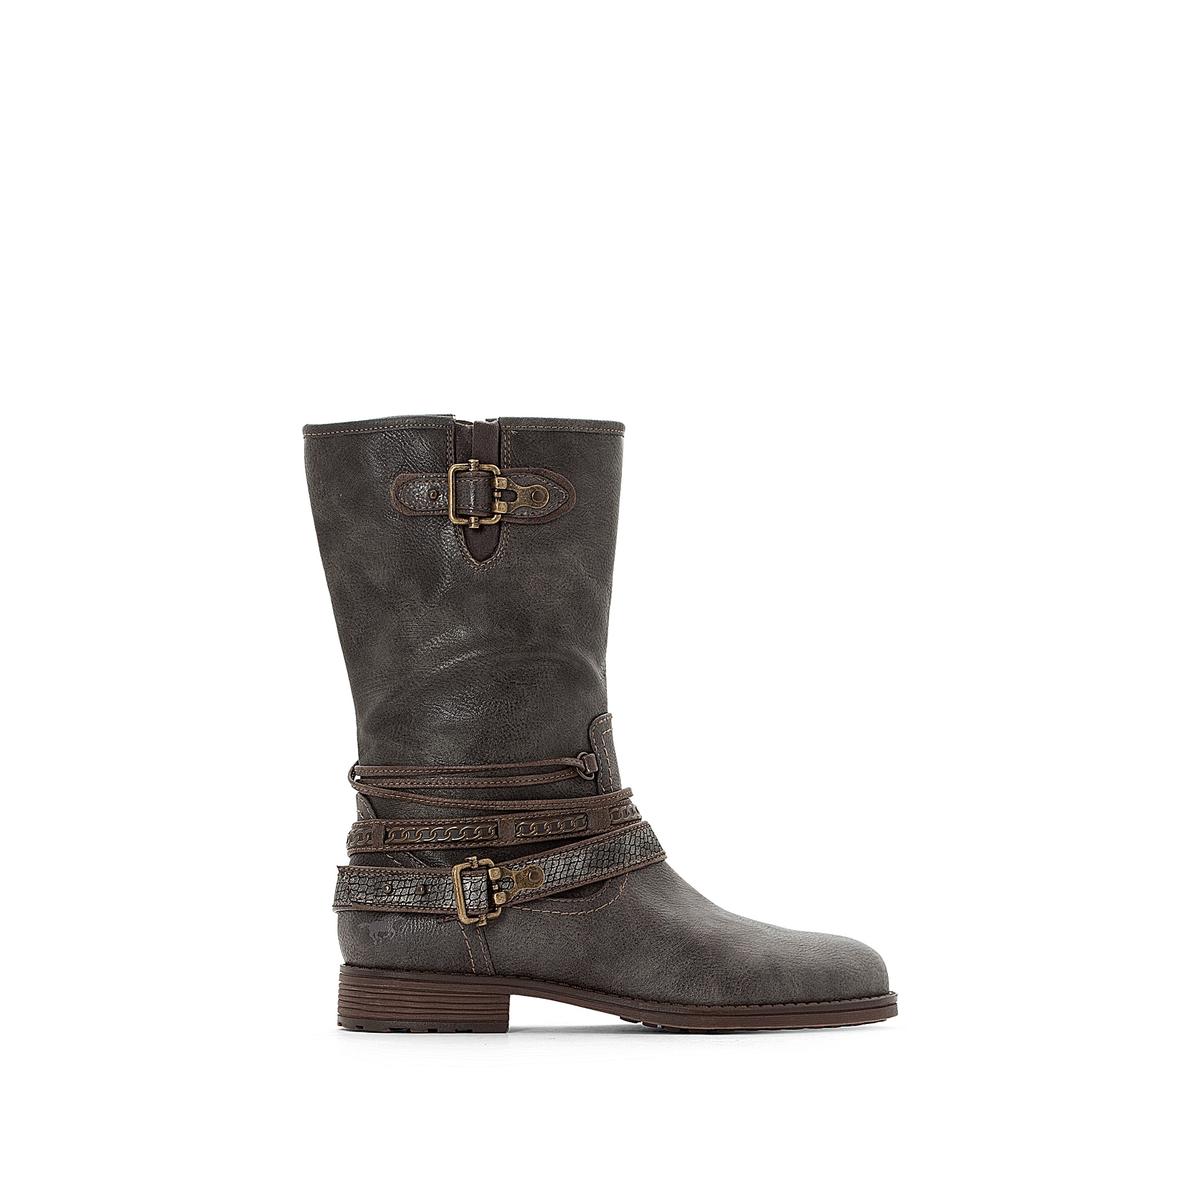 Ботинки в байкерском стиле блузон в байкерском стиле под кожу